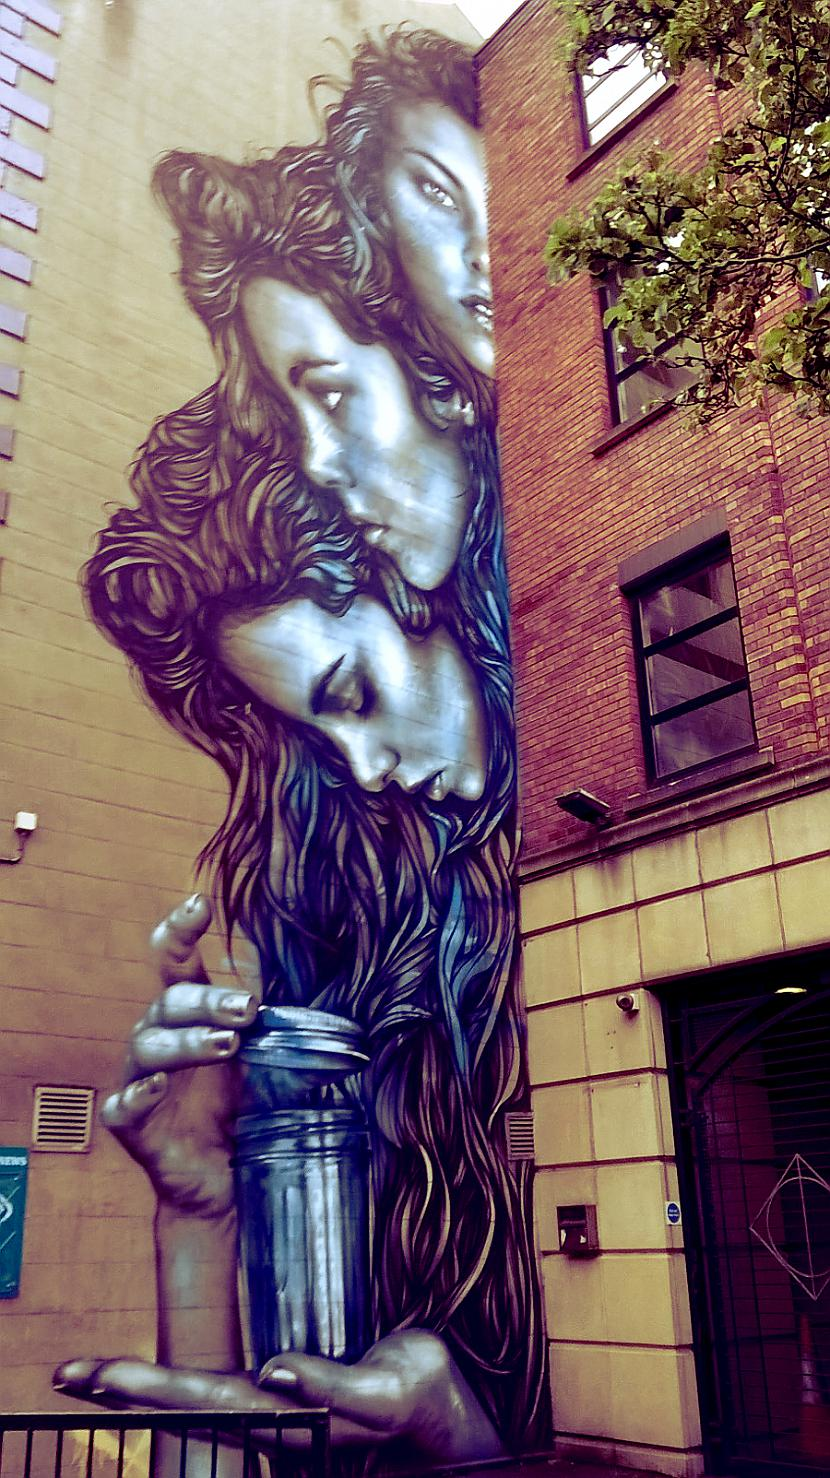 Autors: Strāvonis Graffiti Nr. 11